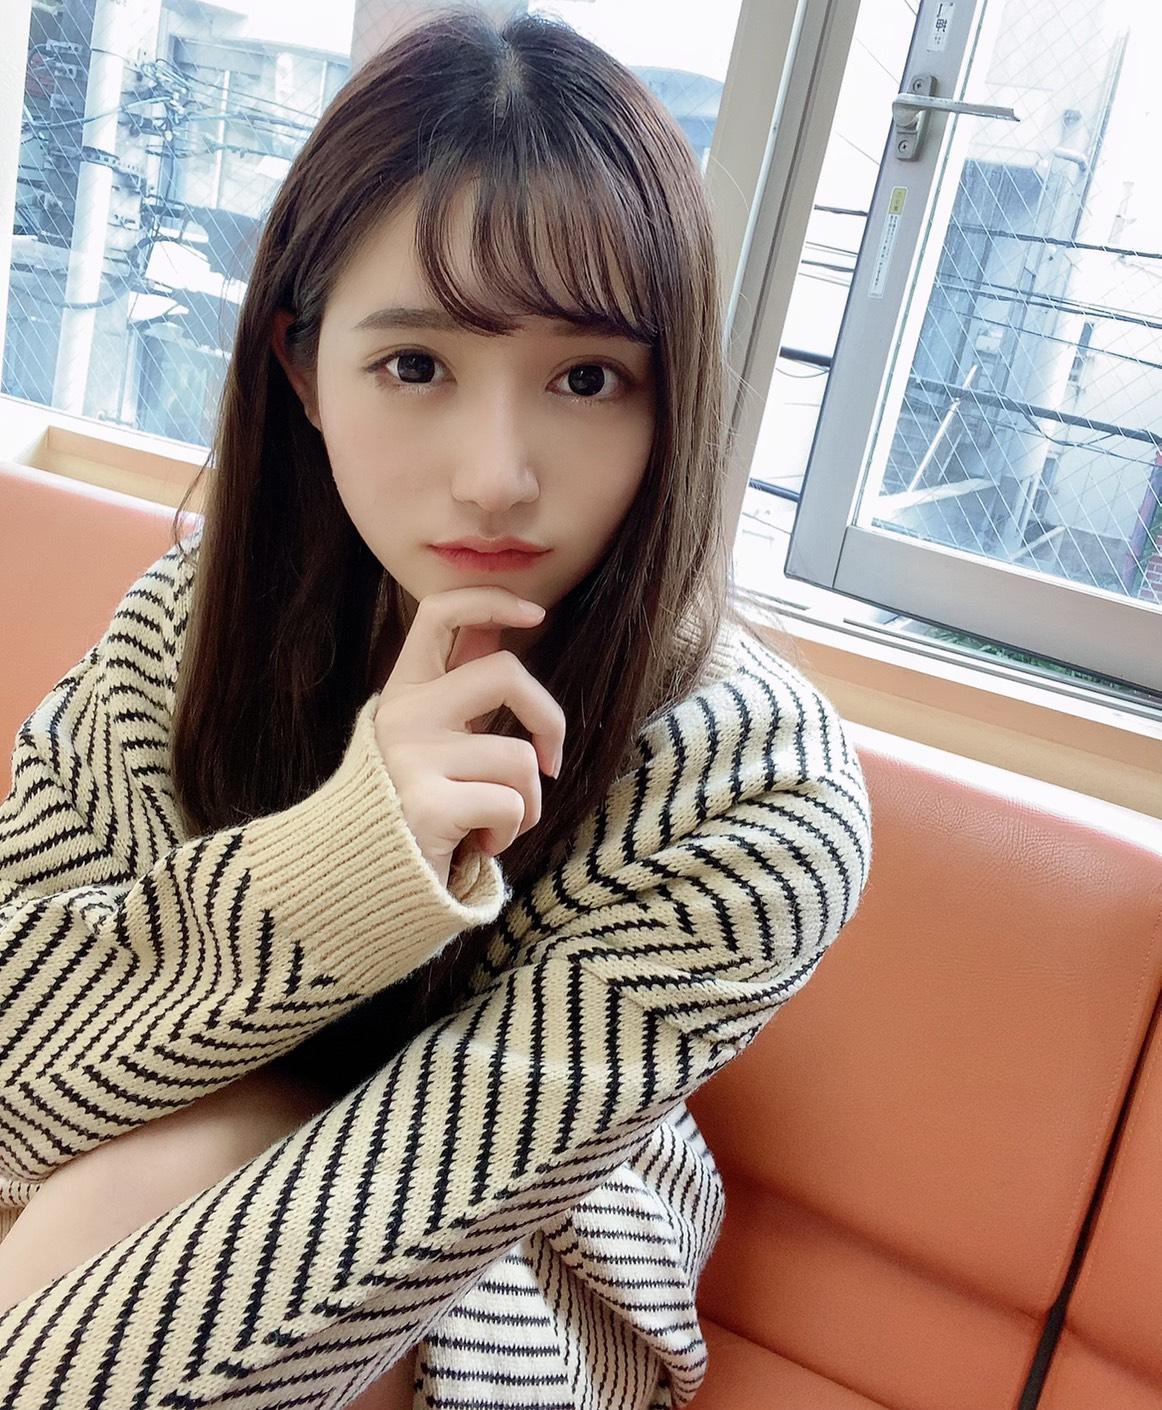 バンビプロモーション主催 『星奈あい初オンラインZOOM誕生日会〜あいちゃんを祝う会〜』